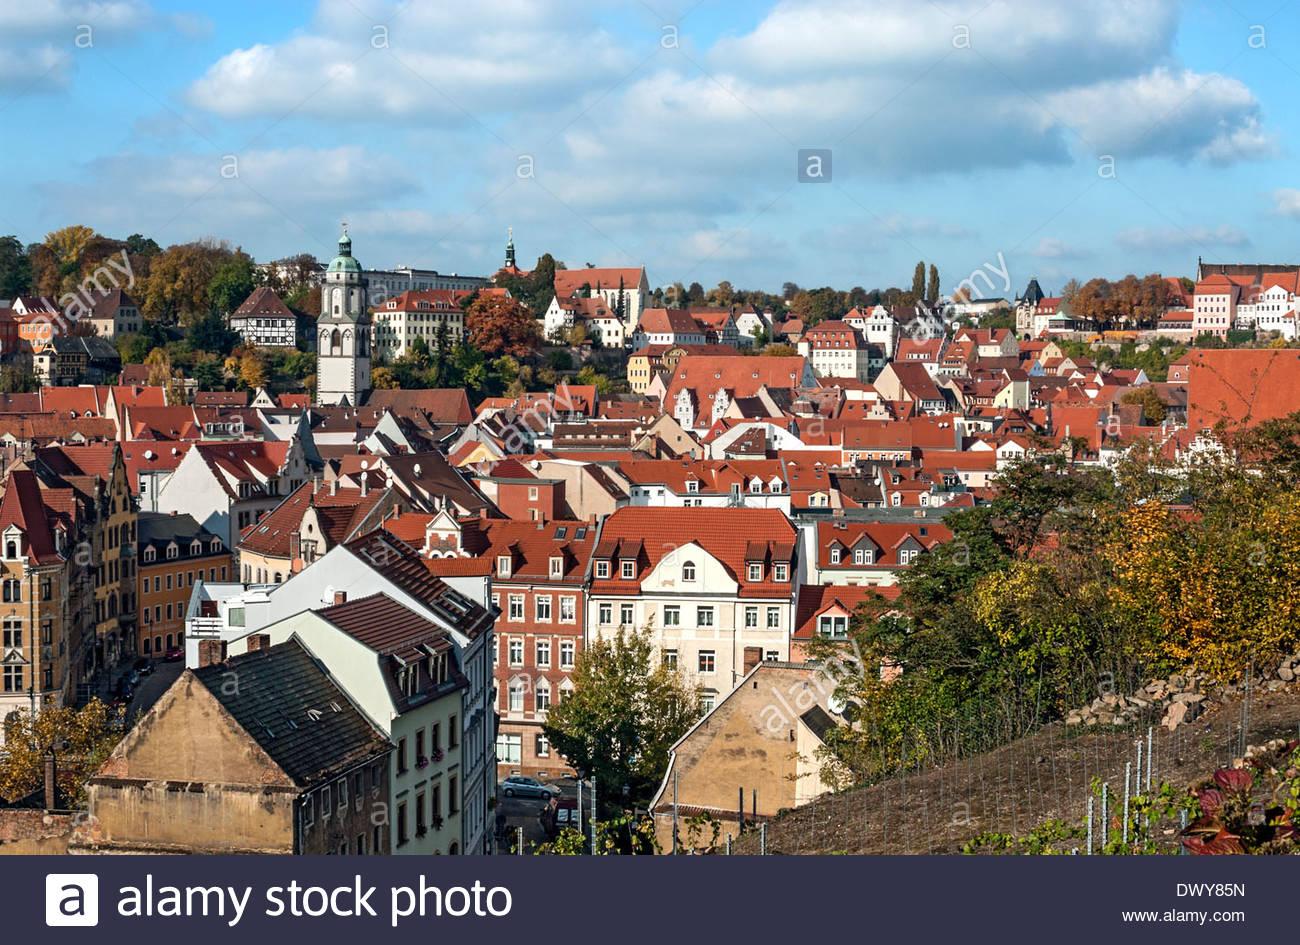 Blick über die alte Stadt Meißen, Sachsen, Deutschland. | Aussicht-deutschen sterben Altstadt von Meißen, Stockbild